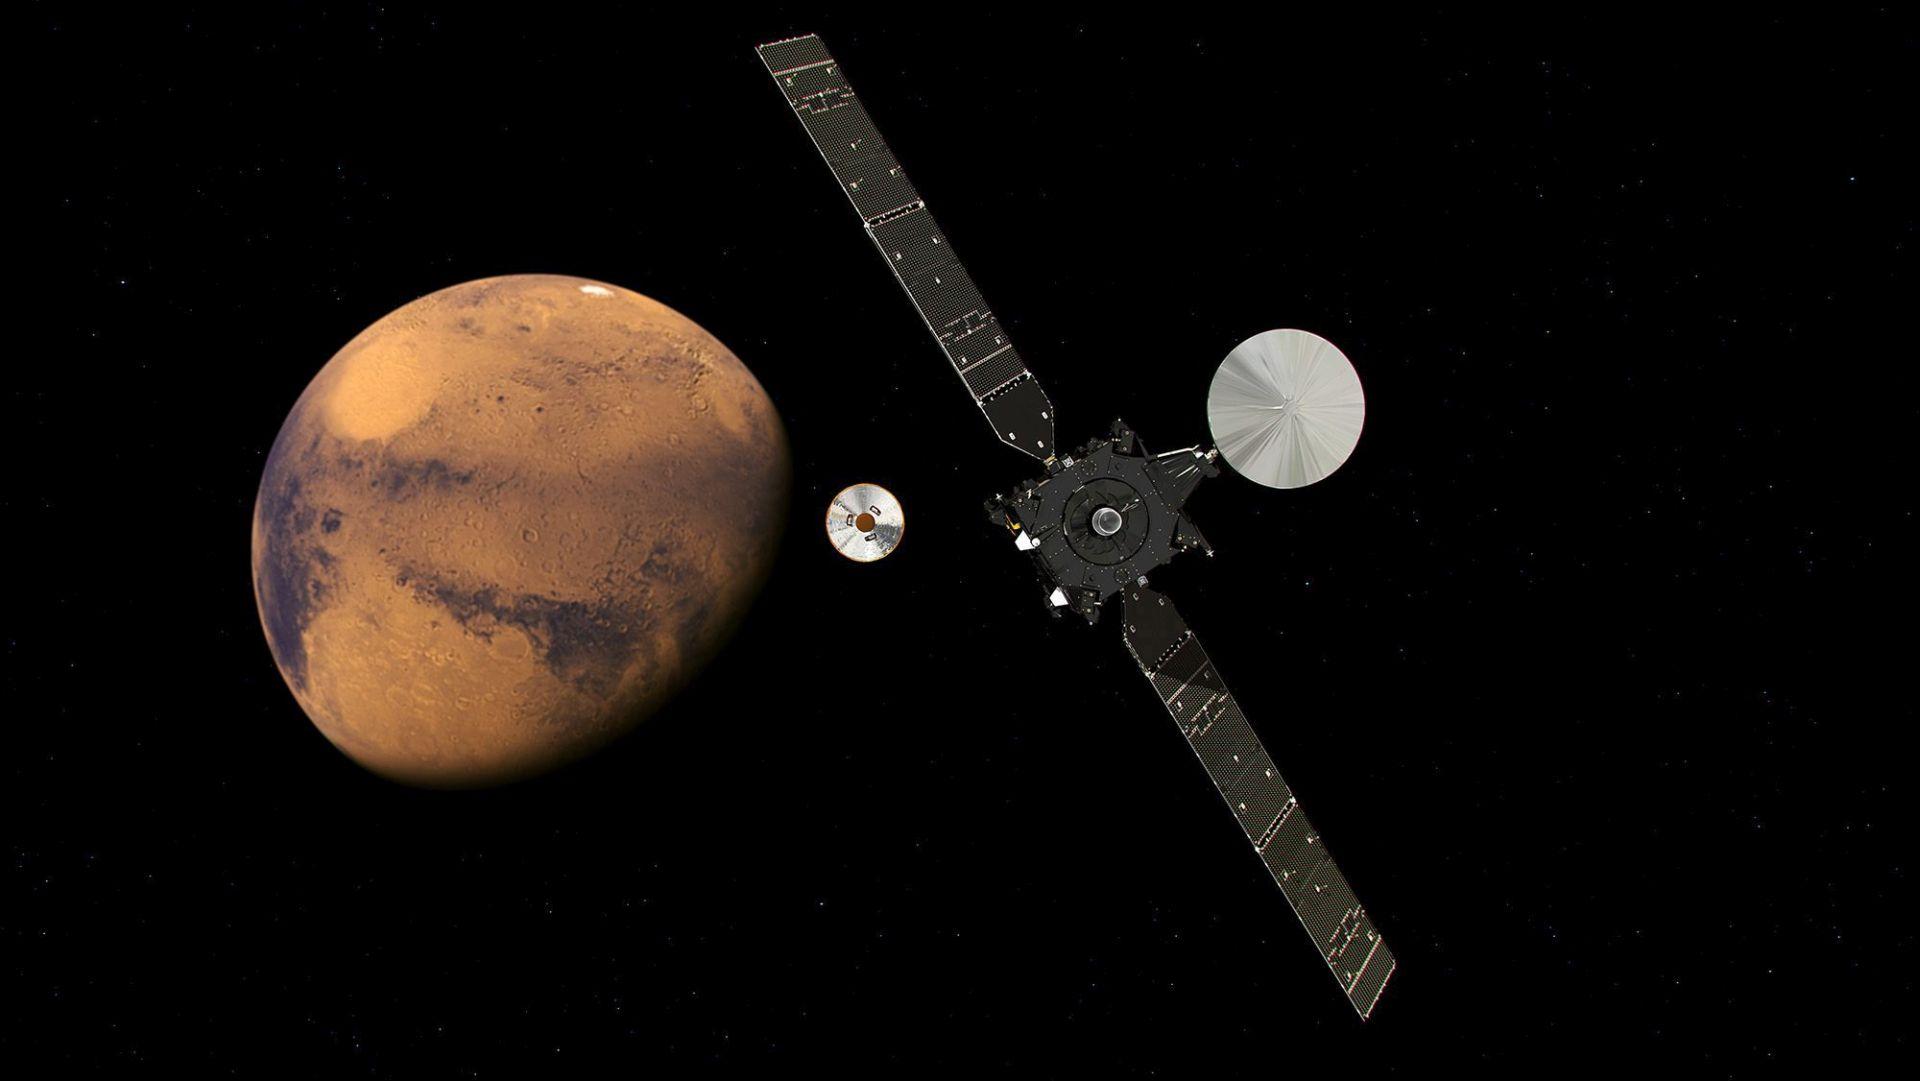 ESA kaže da je sonda TGO u očekivanoj orbiti oko Marsa, upitna sudbina 'landera' Schiaparelli